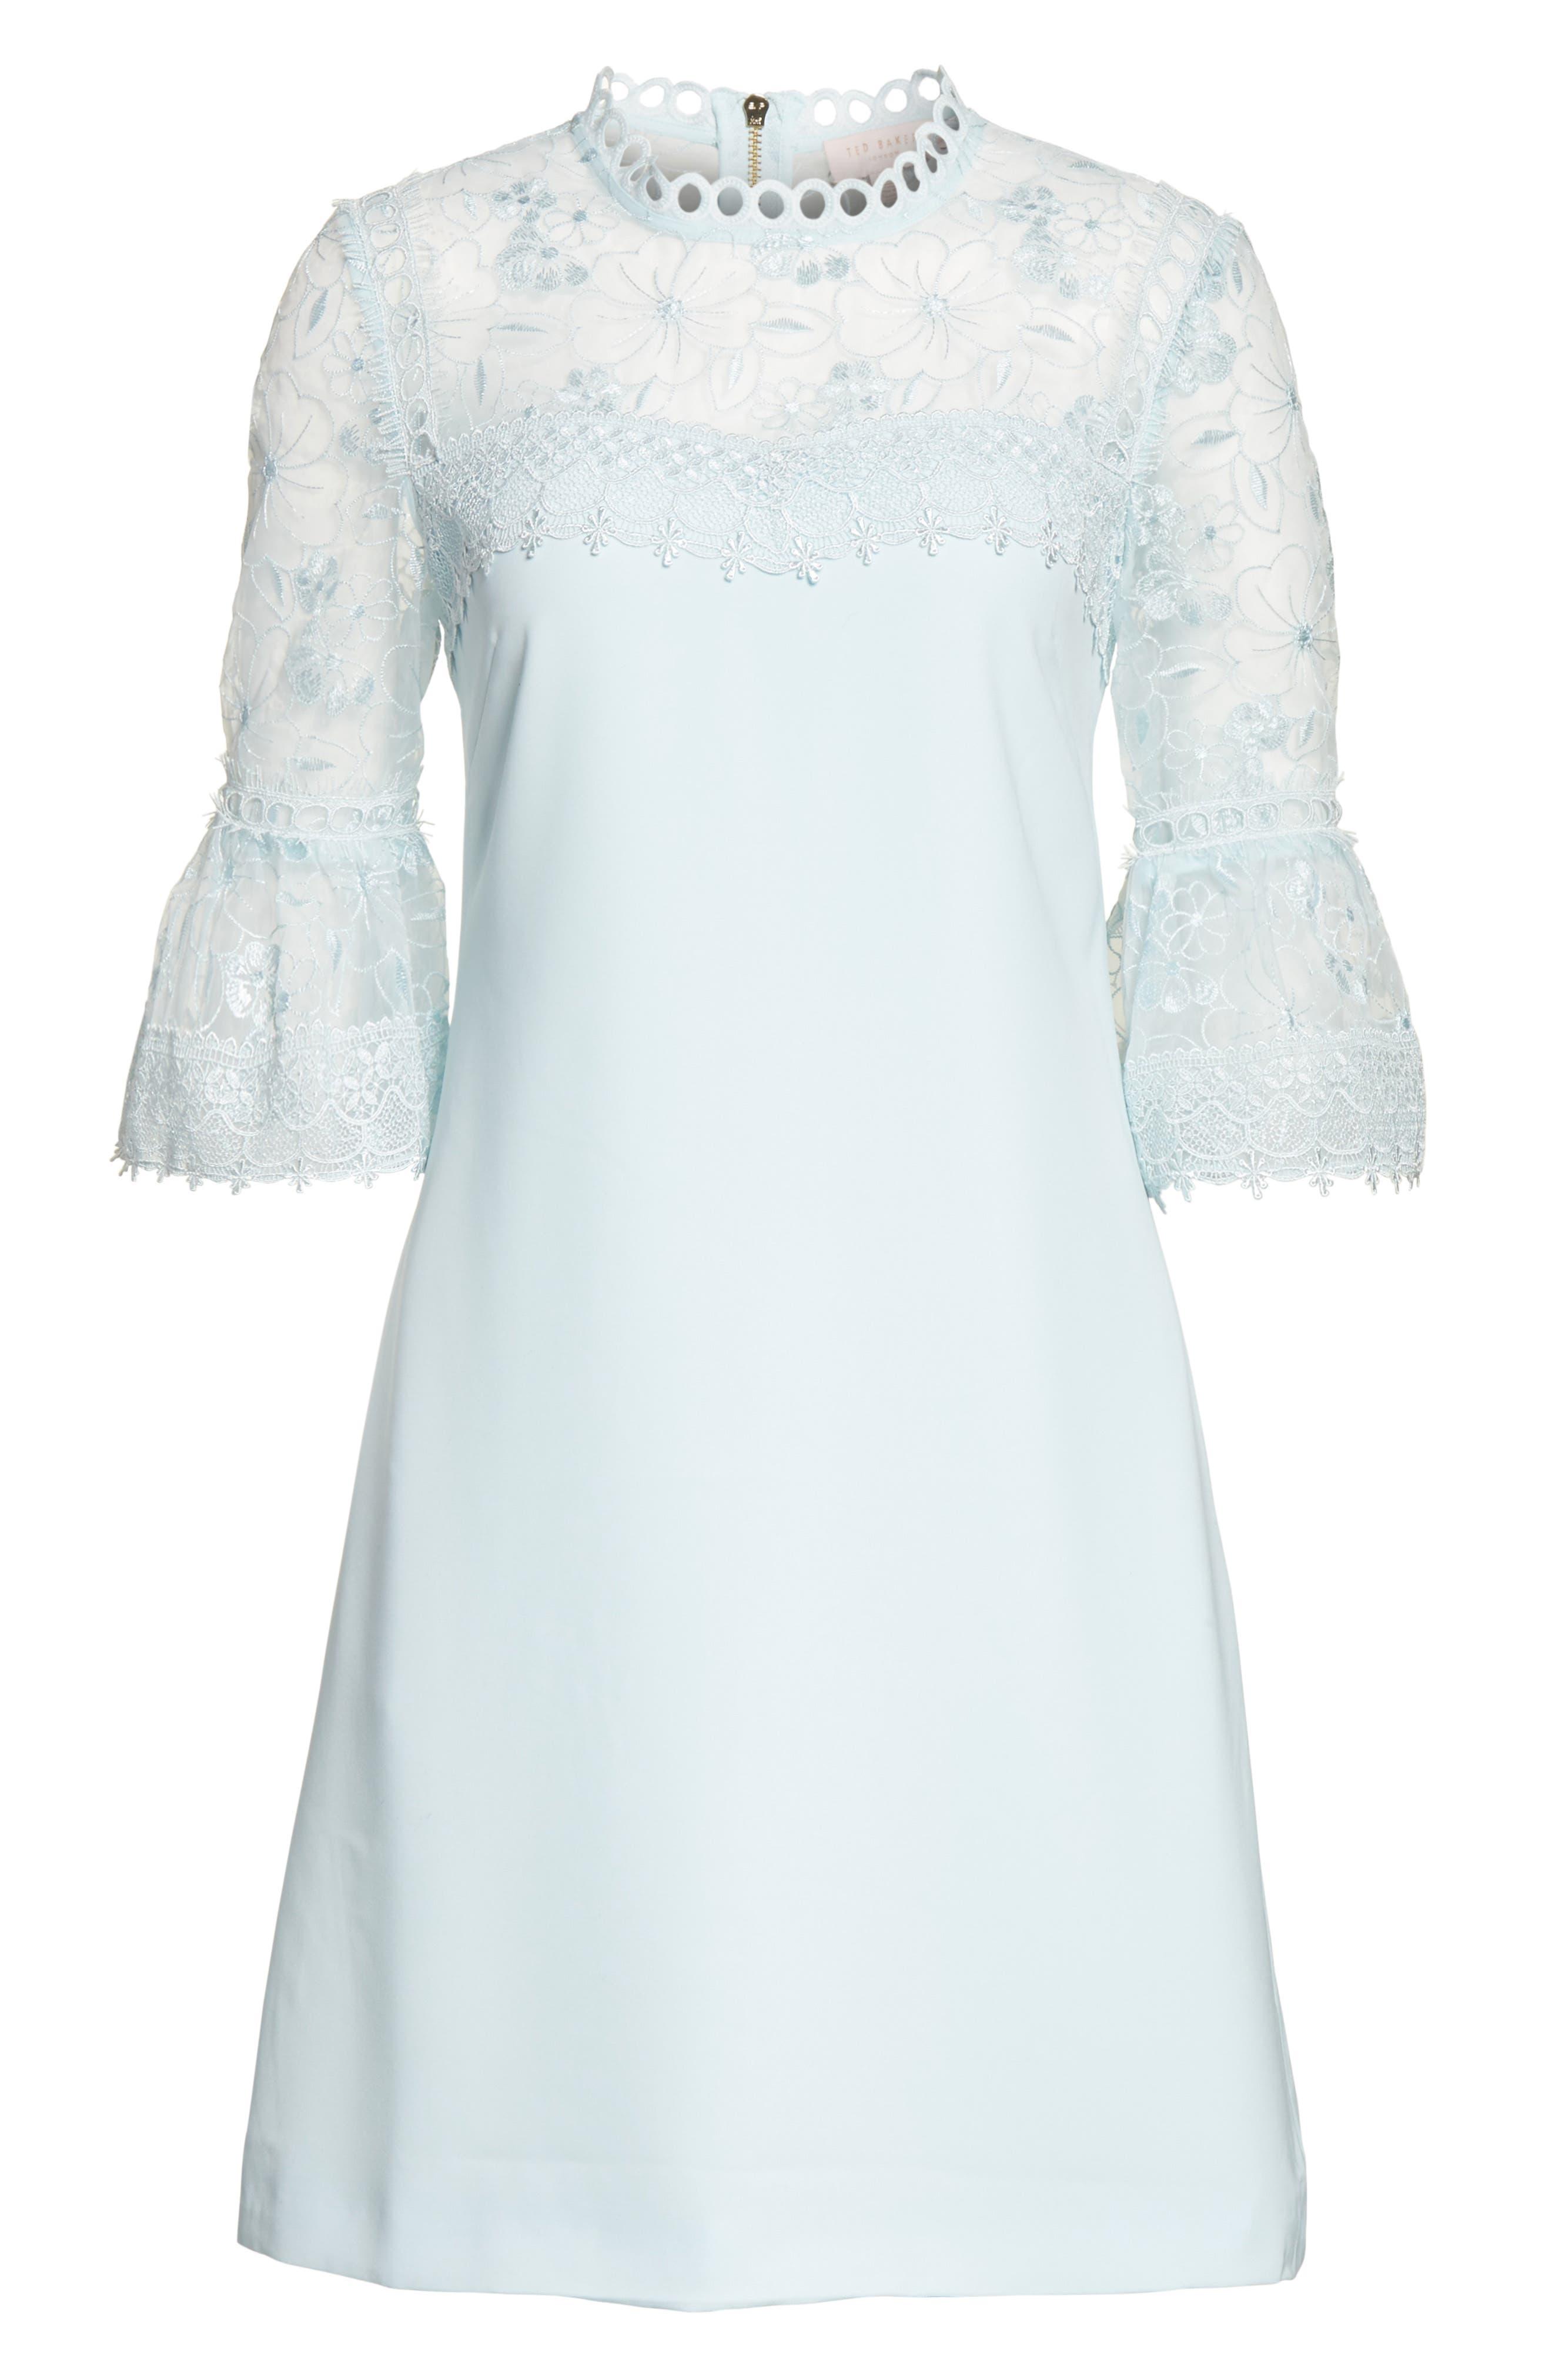 Raechal Lace Sleeve A-Line Dress,                             Main thumbnail 1, color,                             Pale Blue